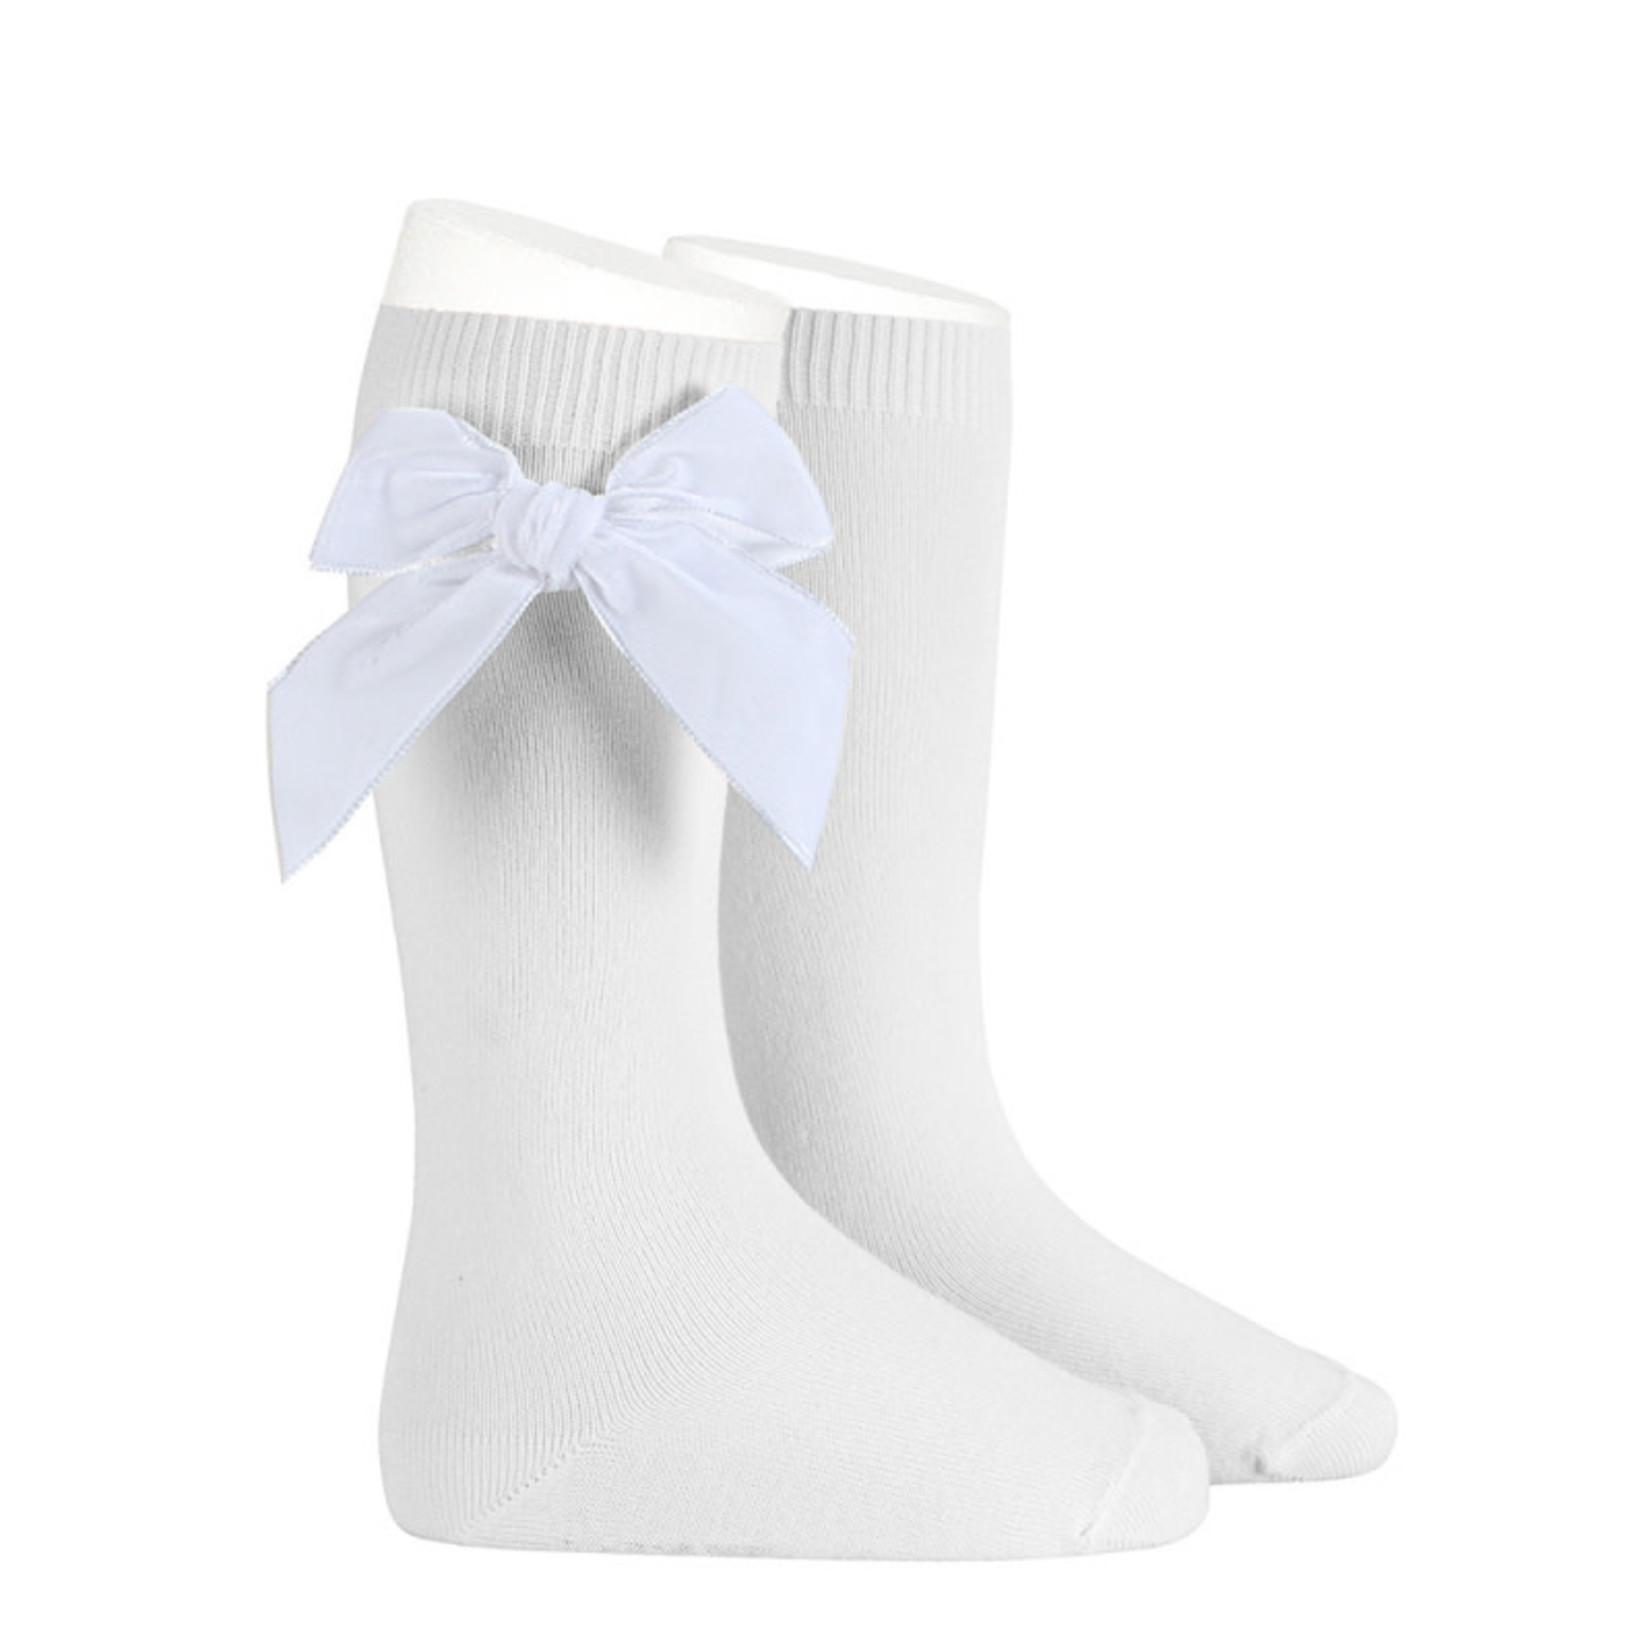 Condor Velvet Socks Knee High - White